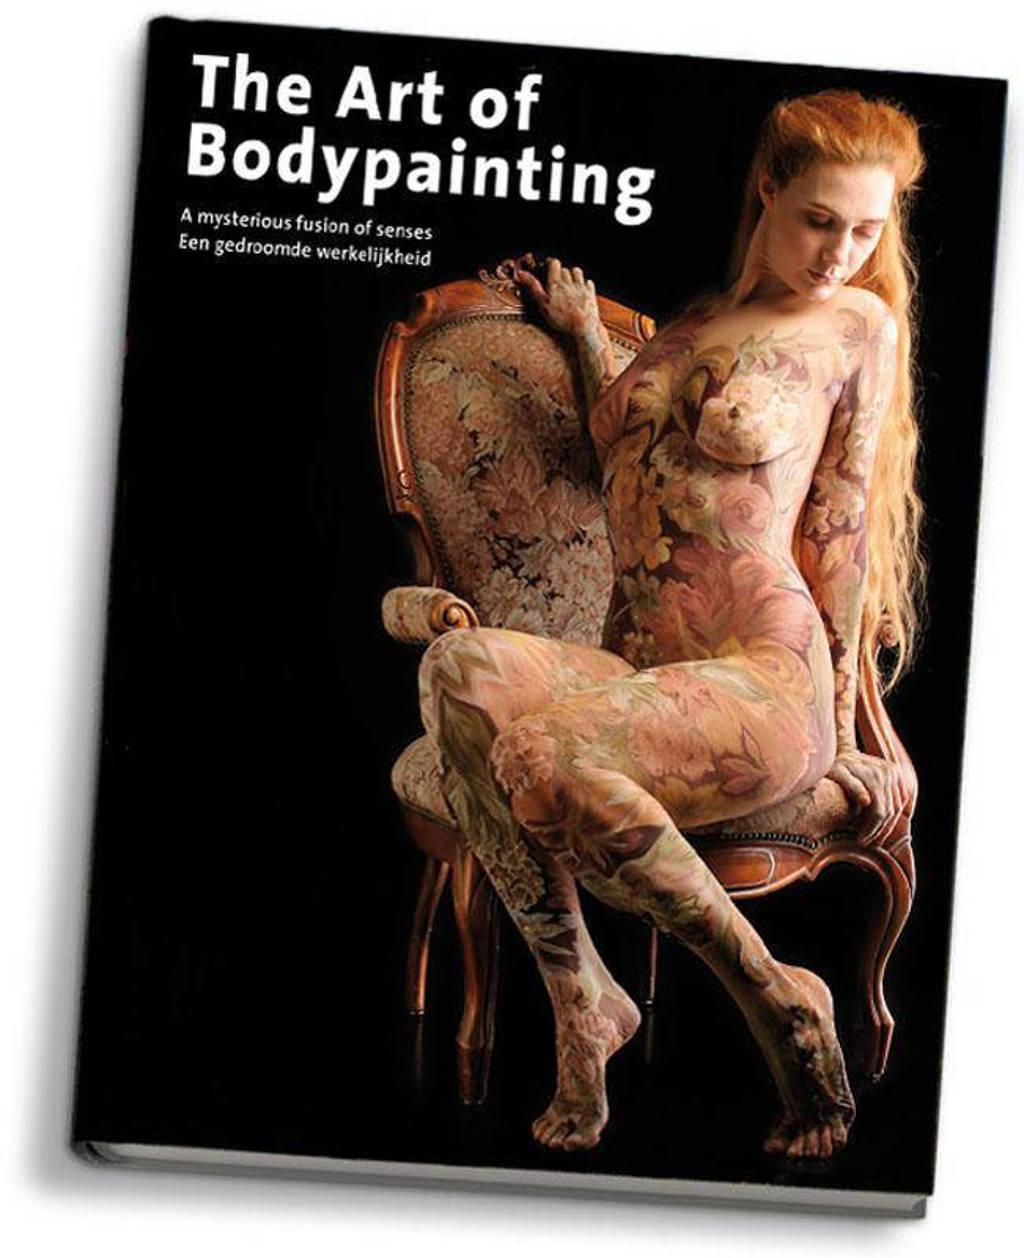 The art of bodypainting - Peter de Ruiter